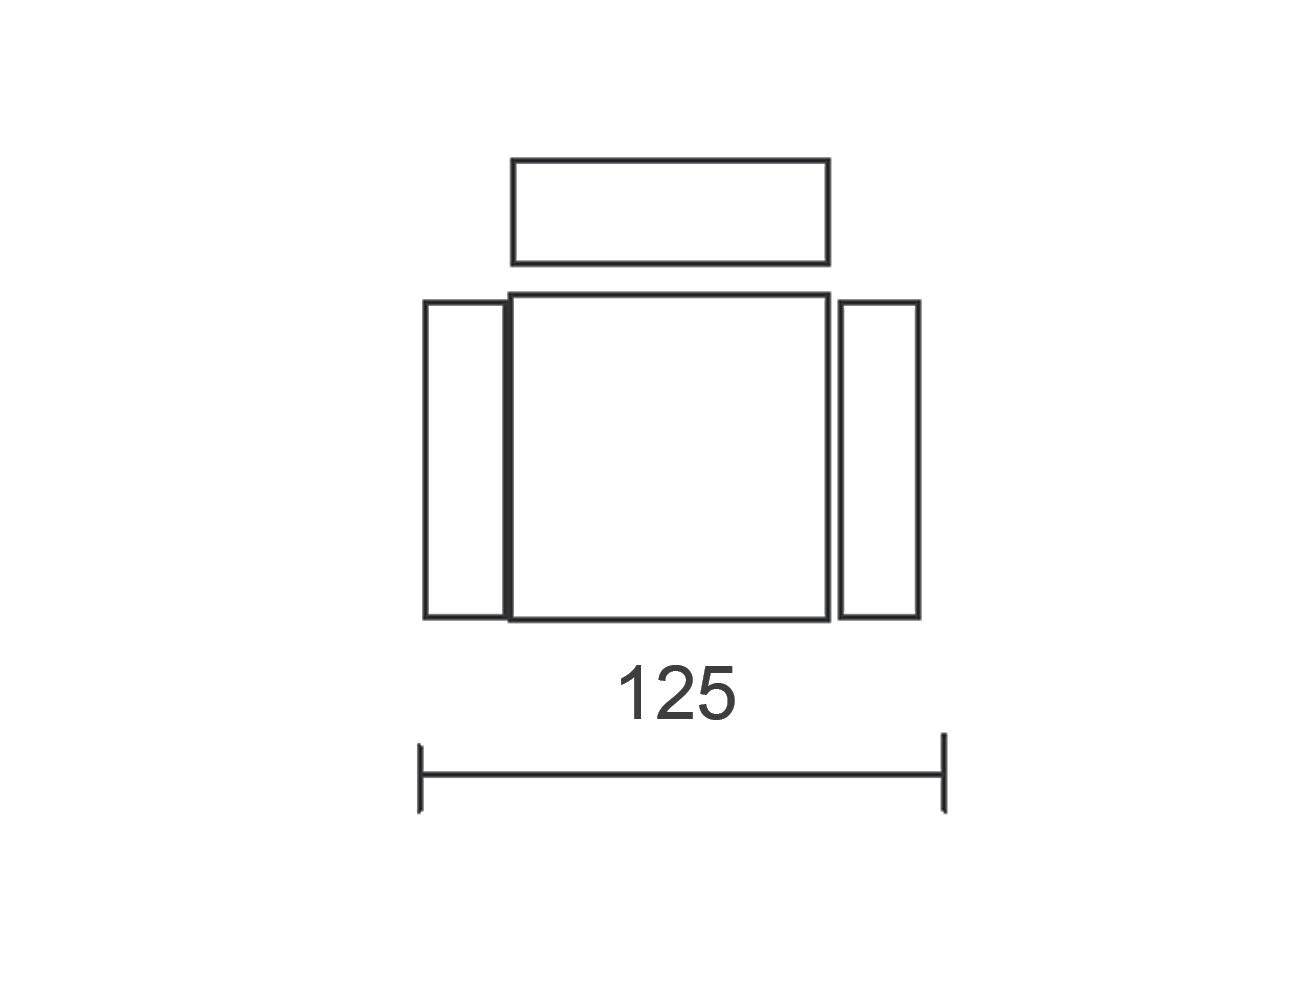 Modulo 1253